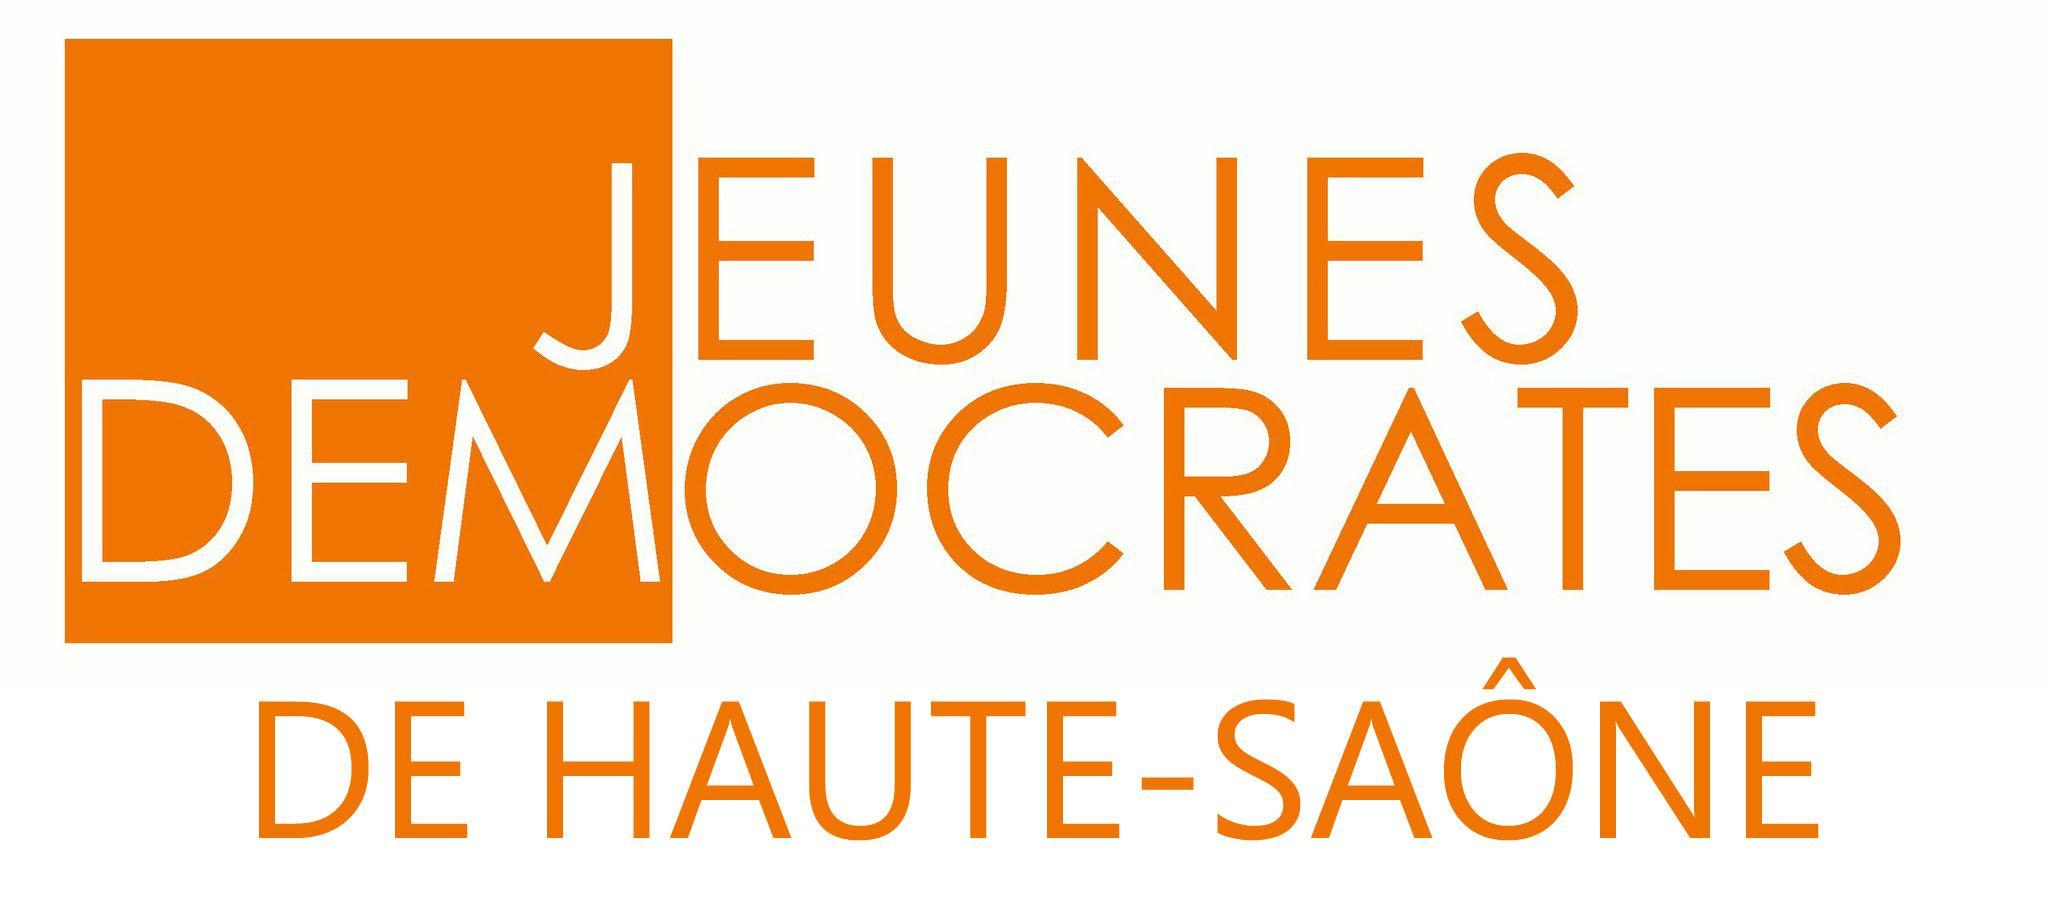 Jeunes Démocrates de Haute-Saône